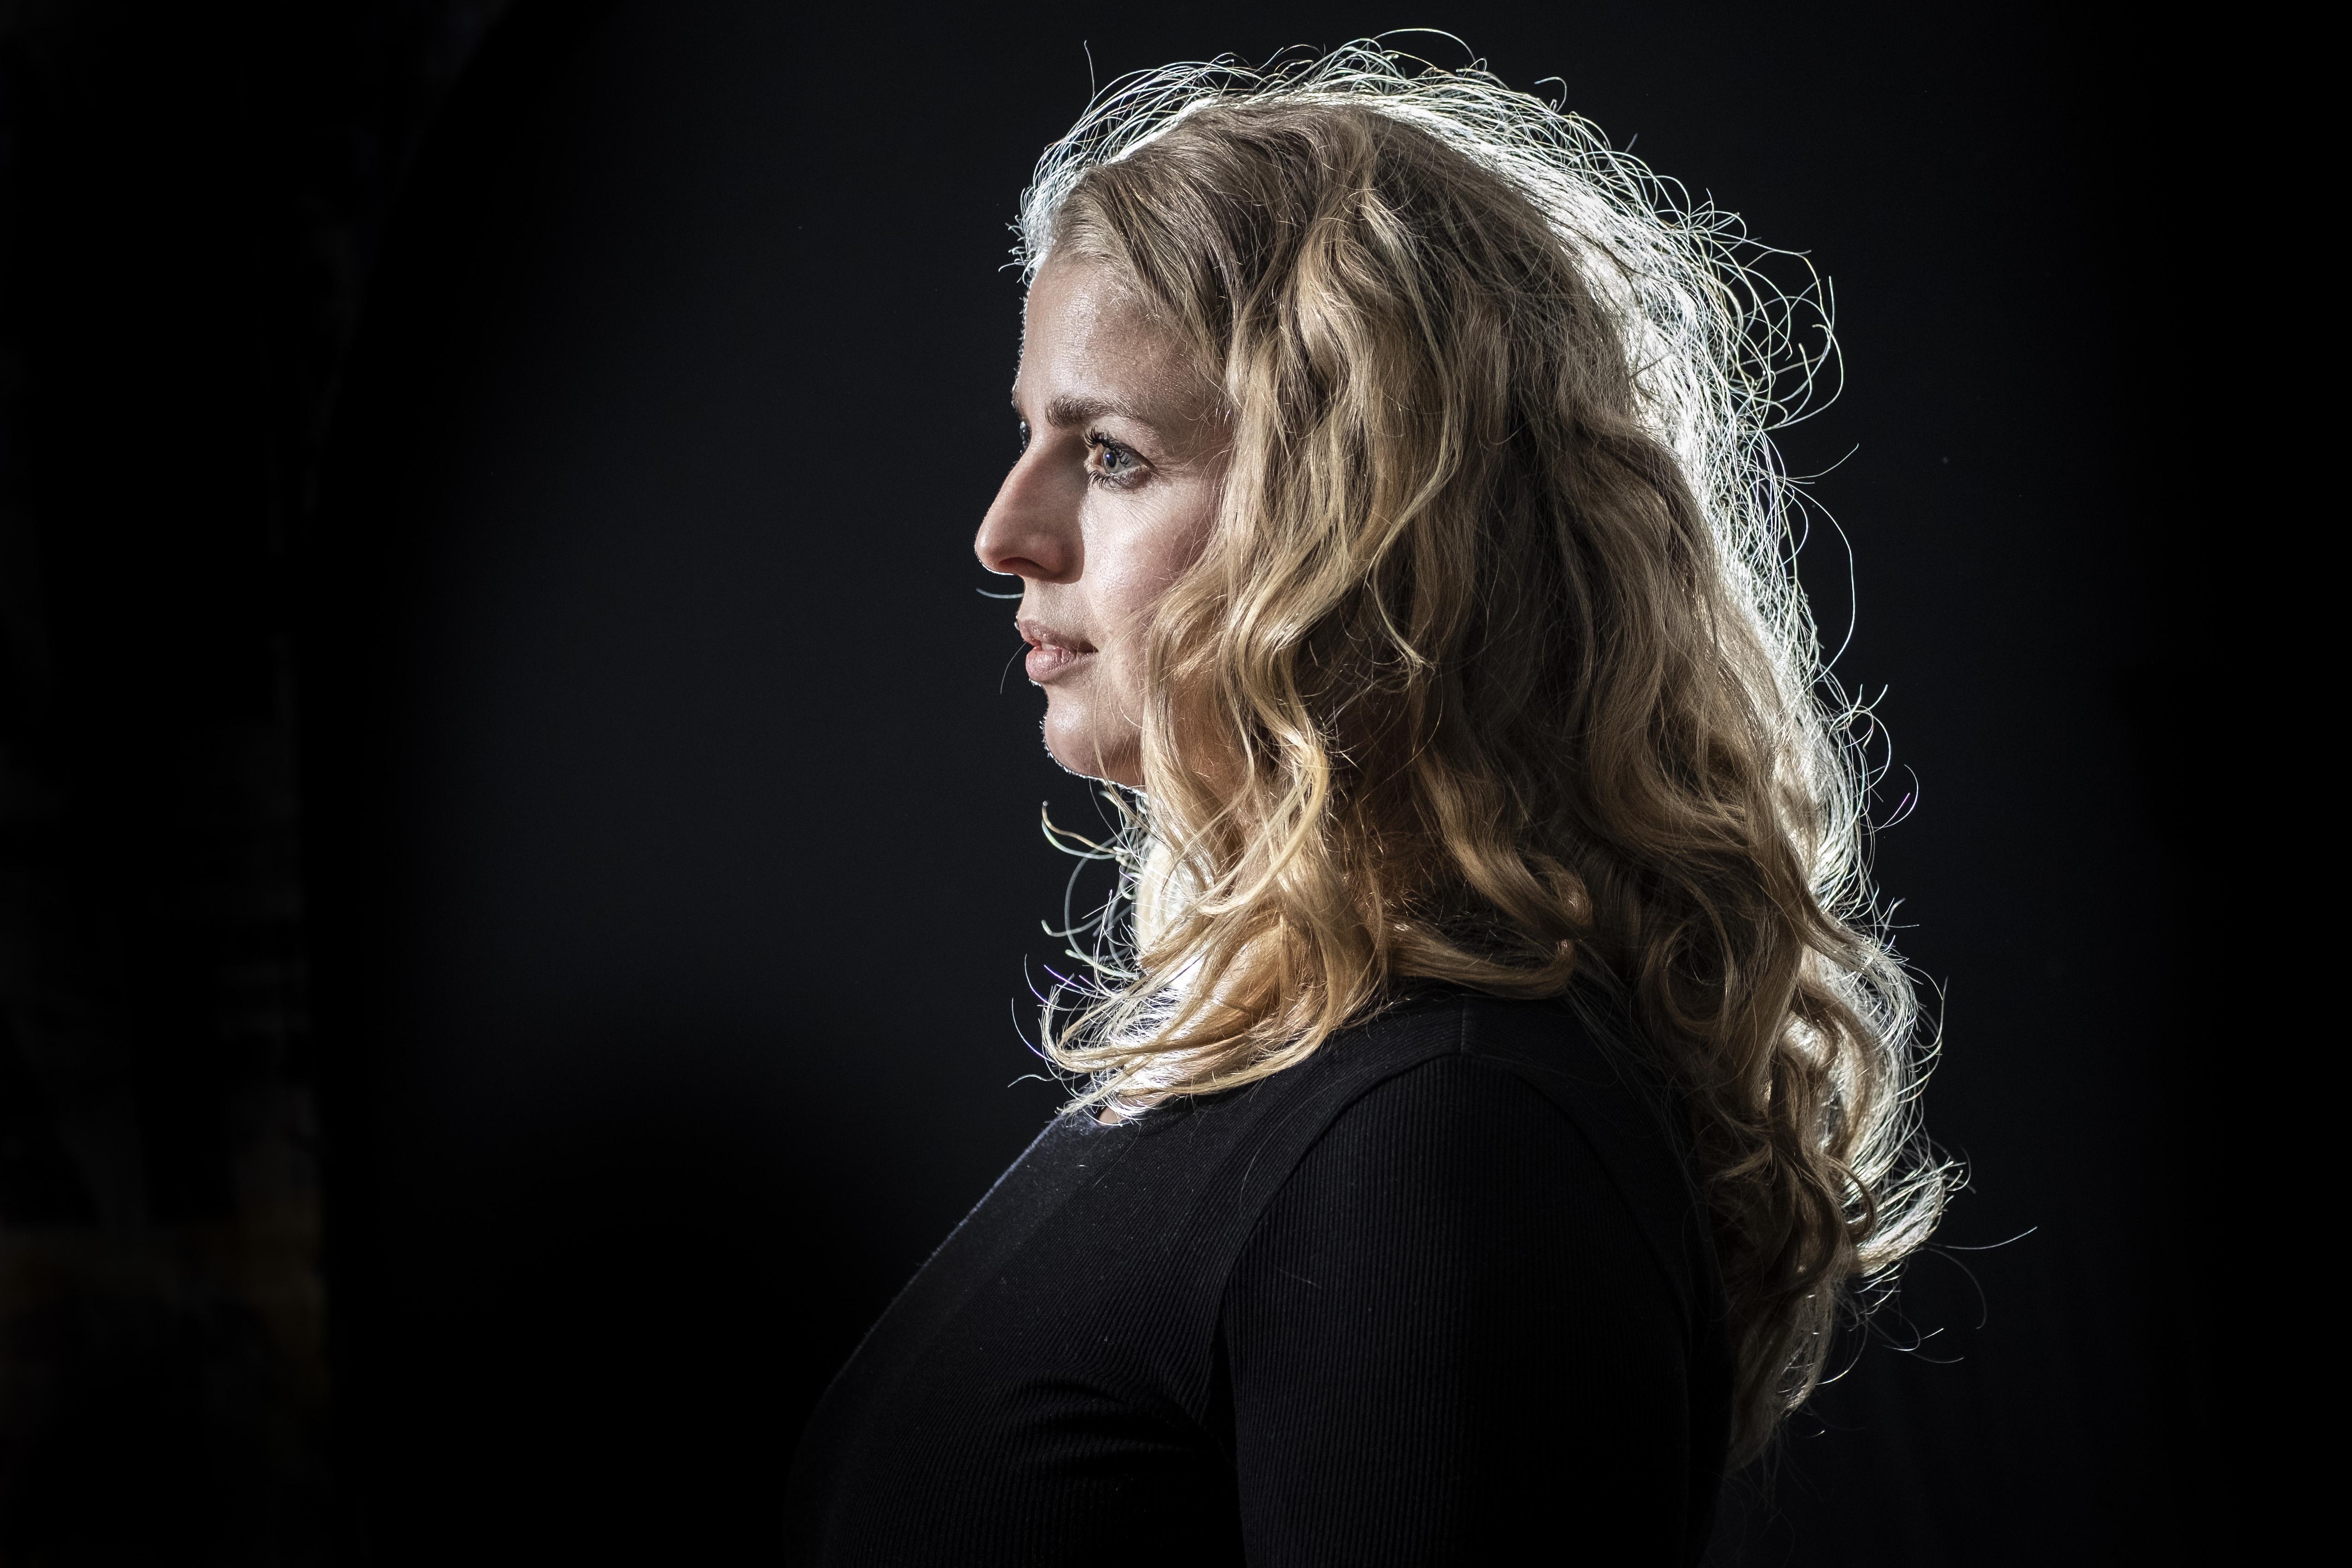 Twintig jaar na de Nieuwjaarsbrand: in de schaduw van De Hemel, Ageeth verloor als 12-jarige bijna haar zus en moeder